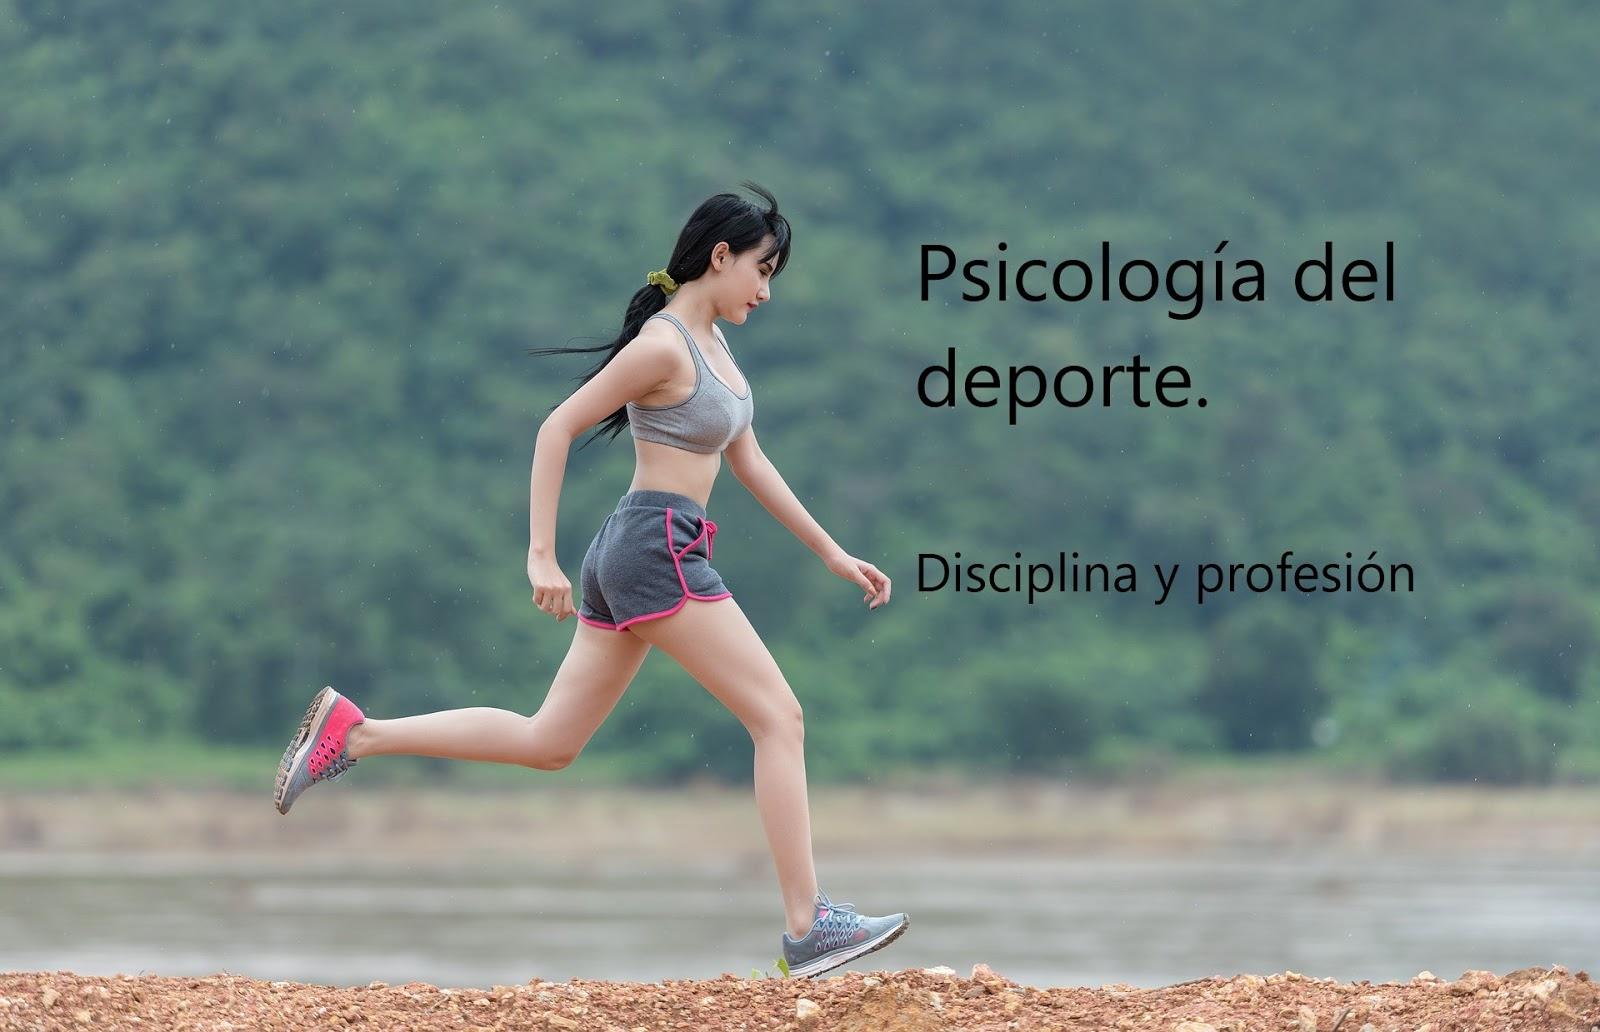 Psicología del deporte. Aidan Moran. PDF para descargar gratis.